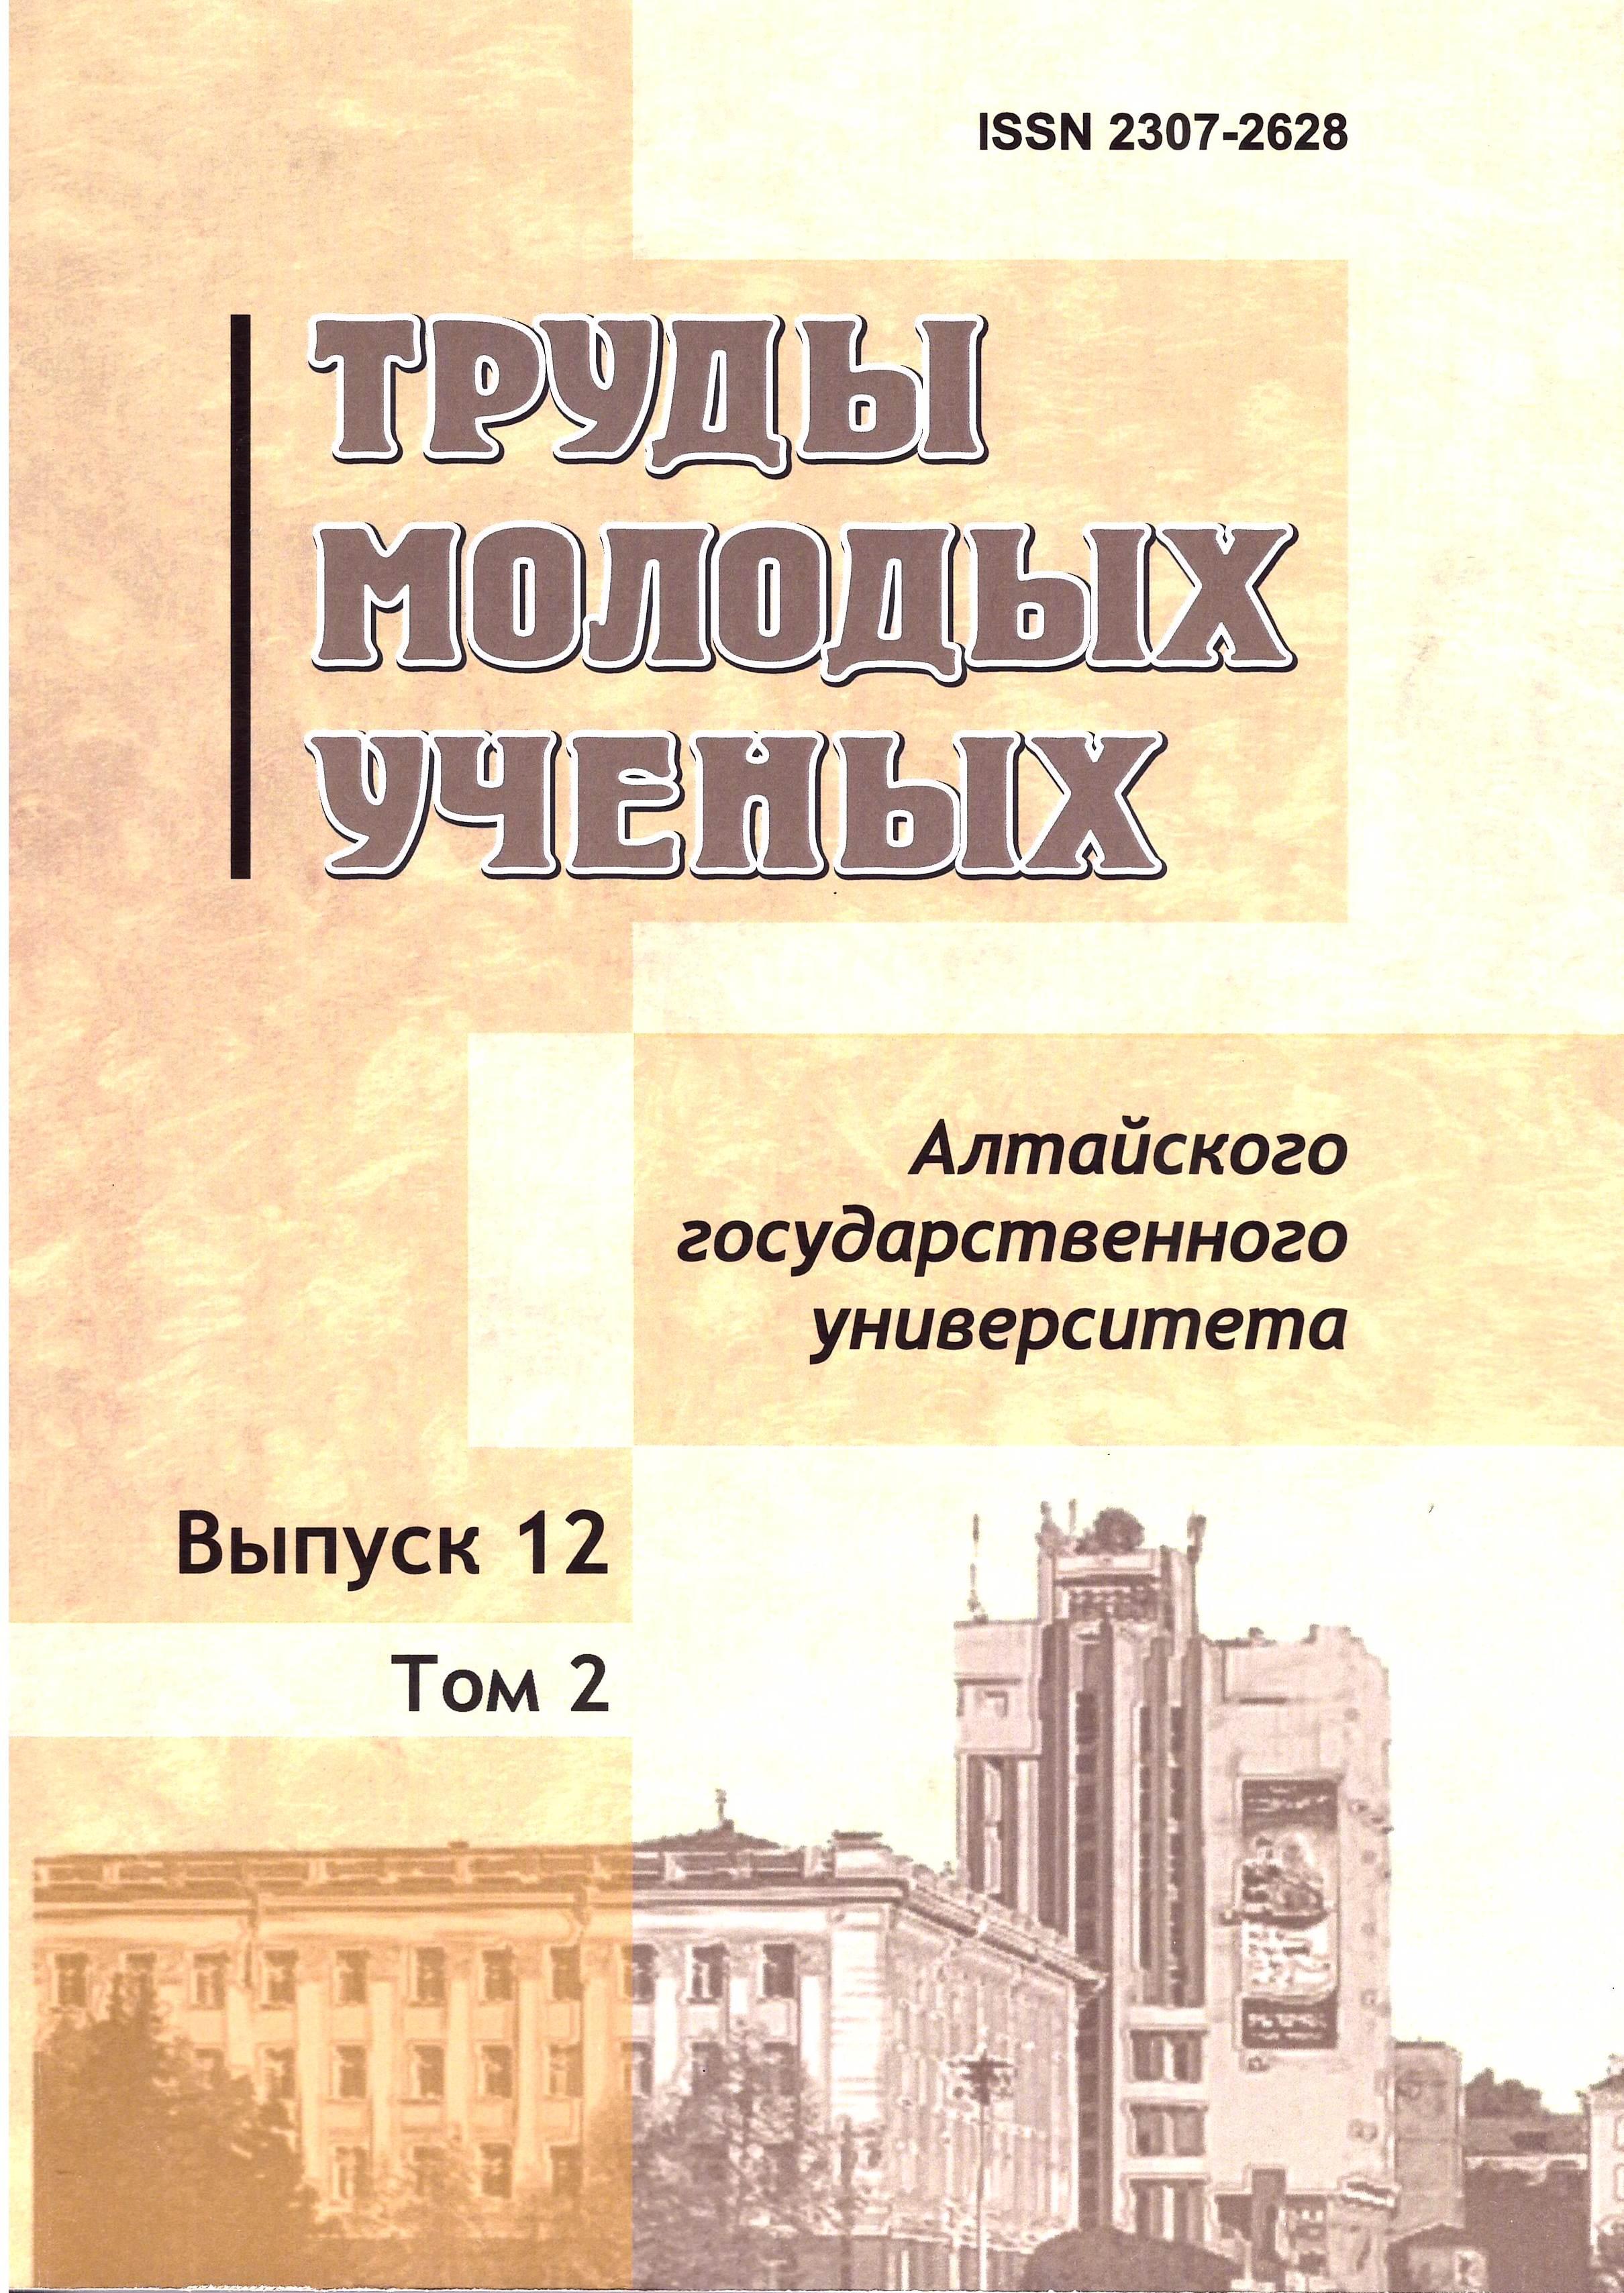 Труды молодых ученых выпуск 12 том 2